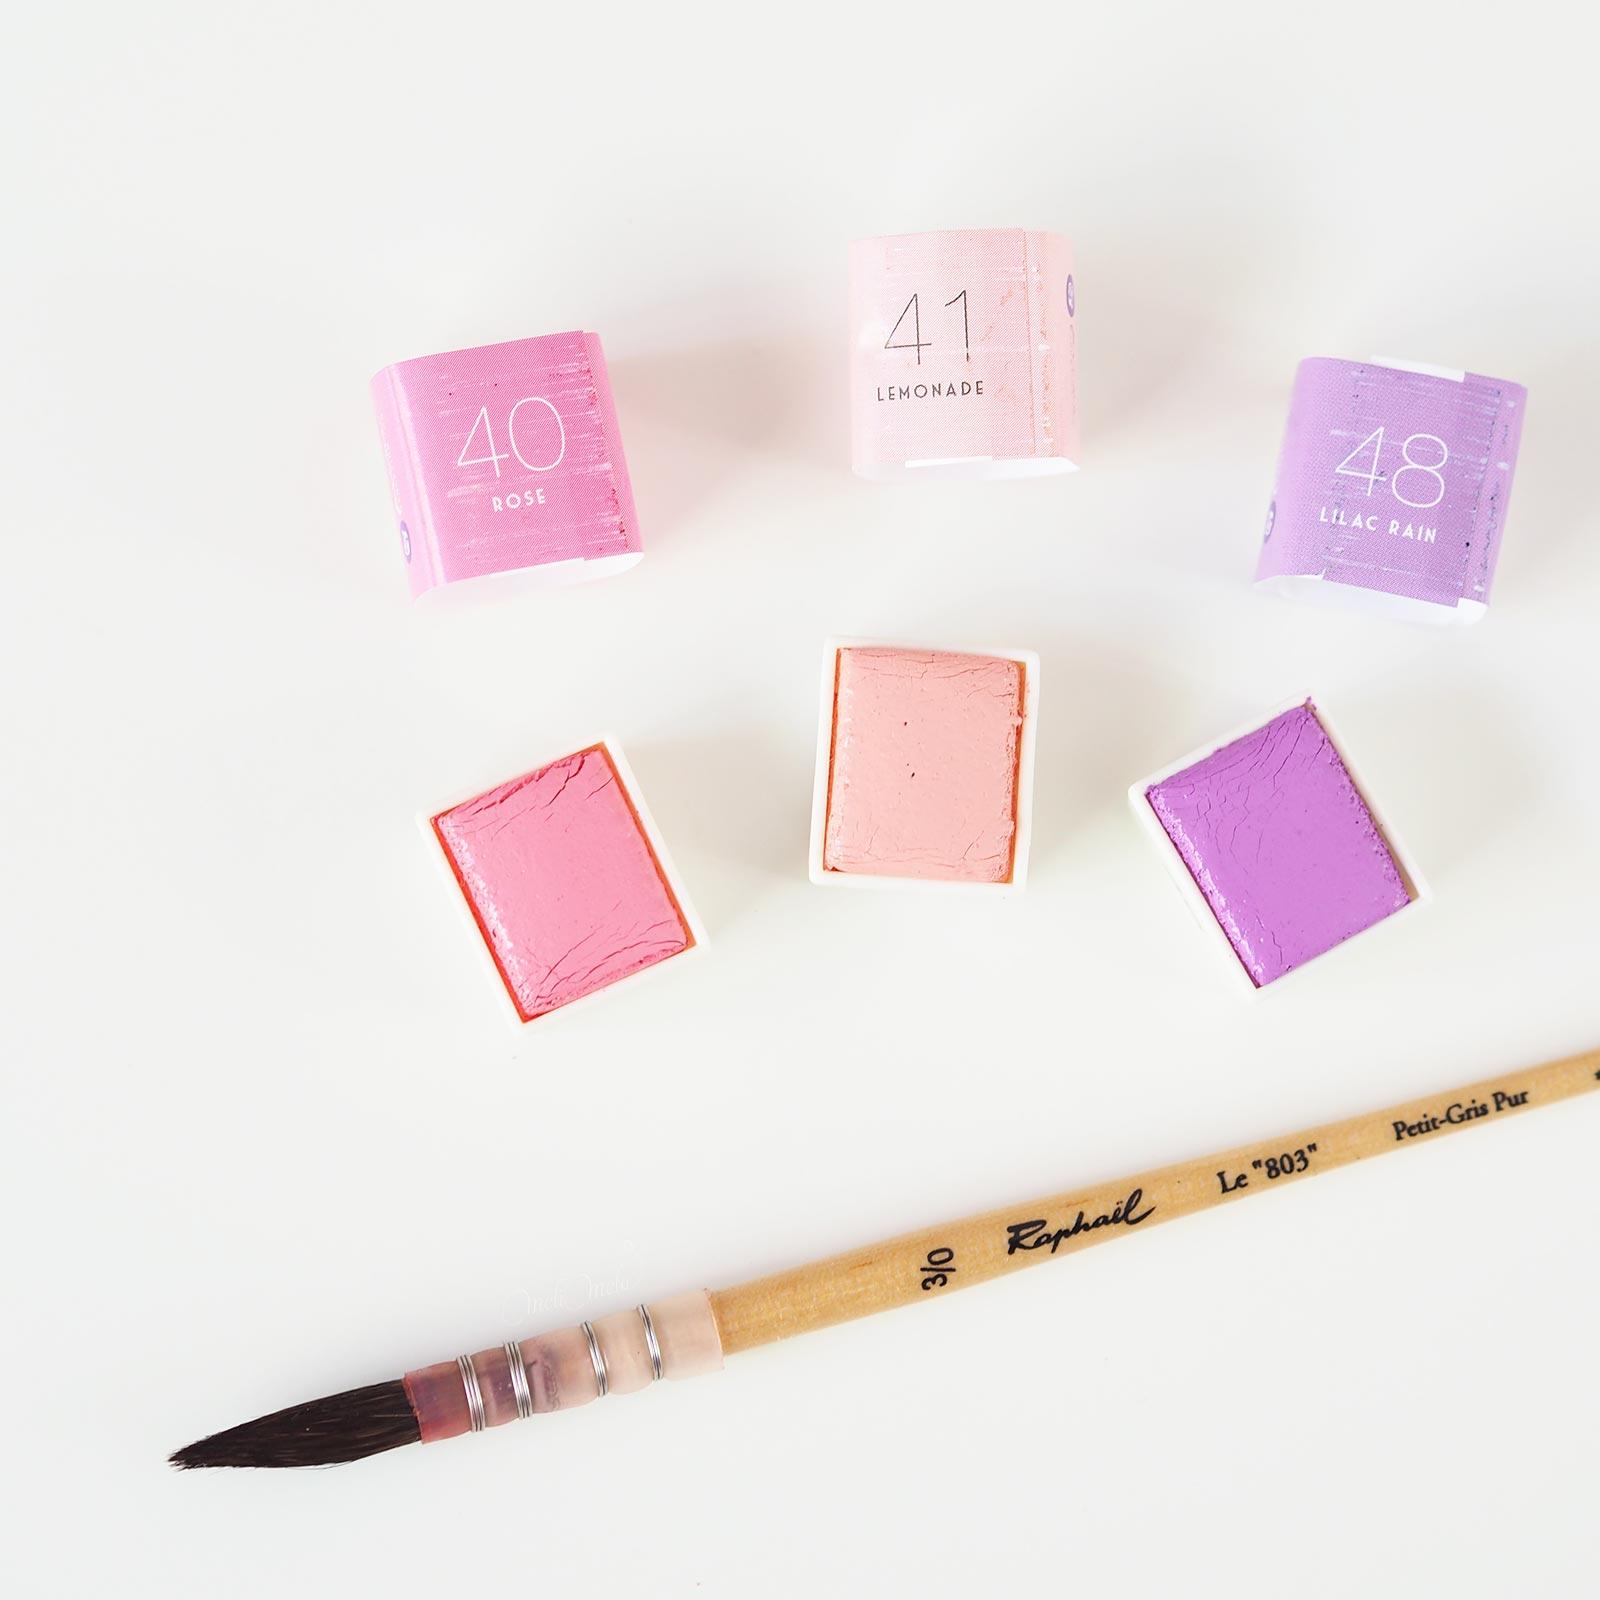 aquarelle watercolor pastel dreams 40-41-48 confections prima Boutique MeliMelo